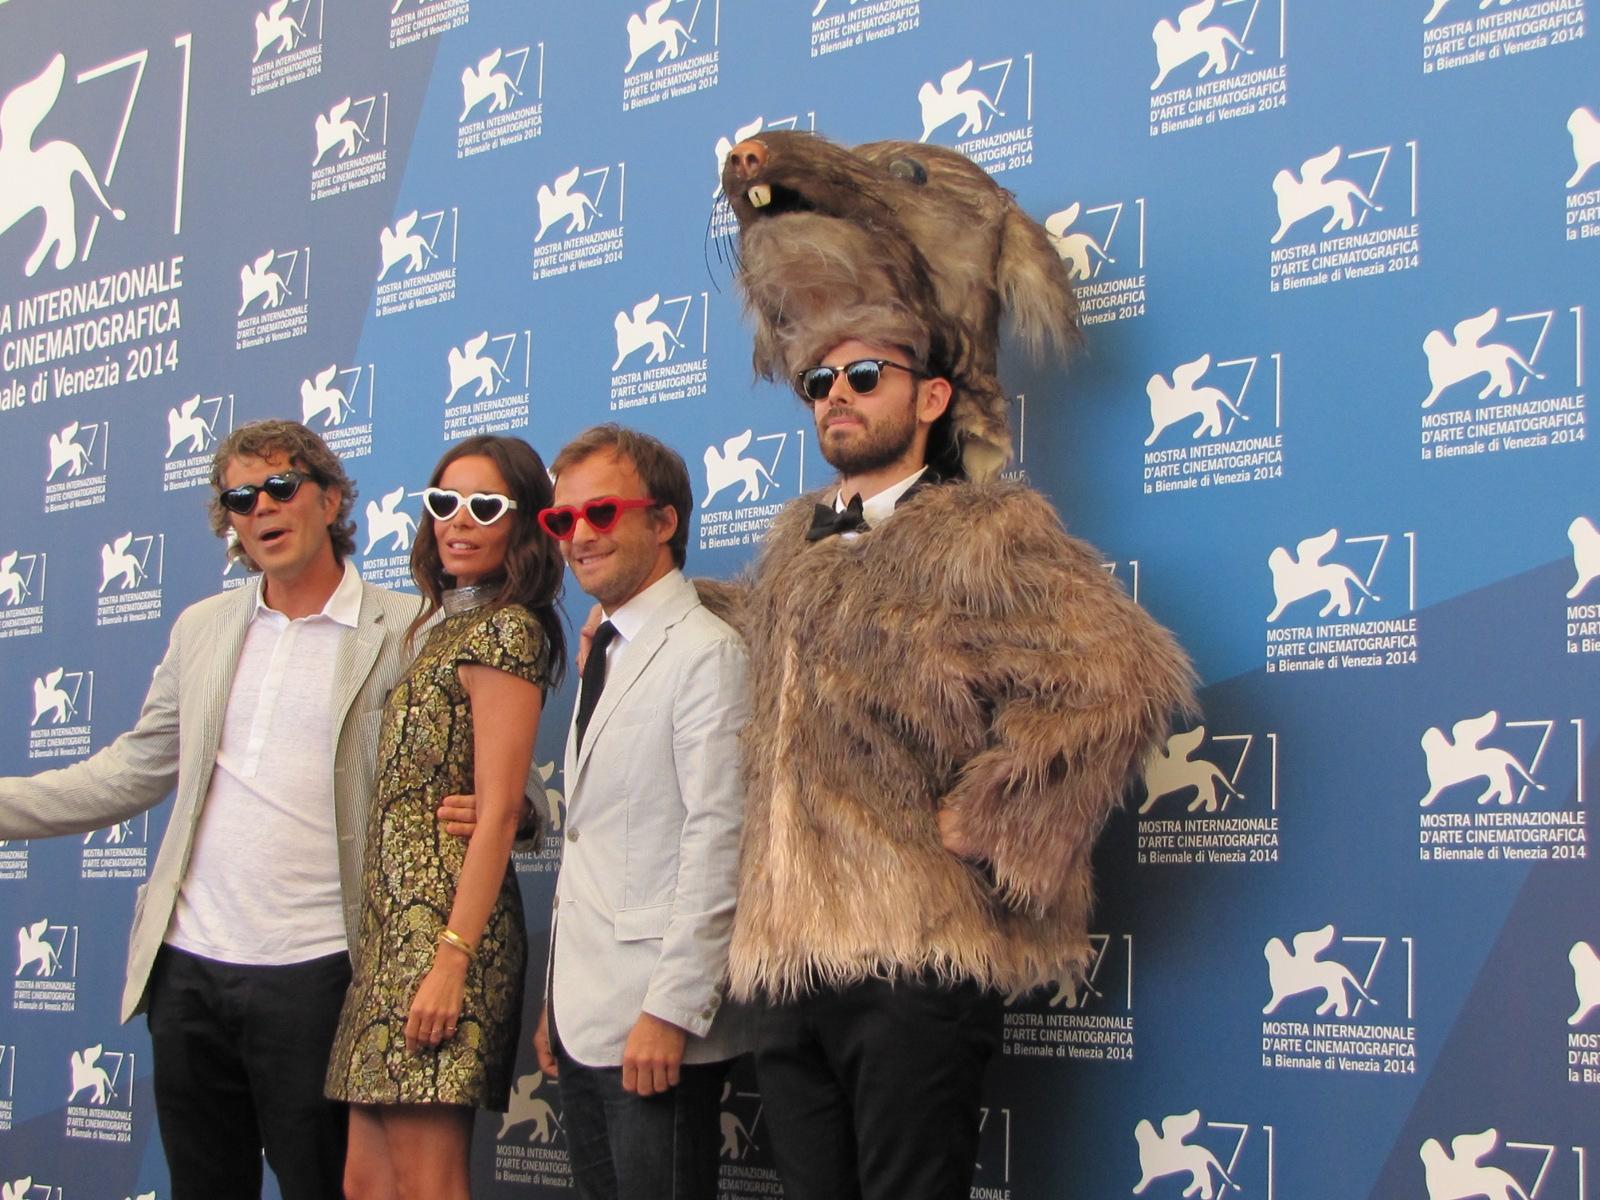 Il cast di Reality a Venezia 2014 con grosso roditore al seguito